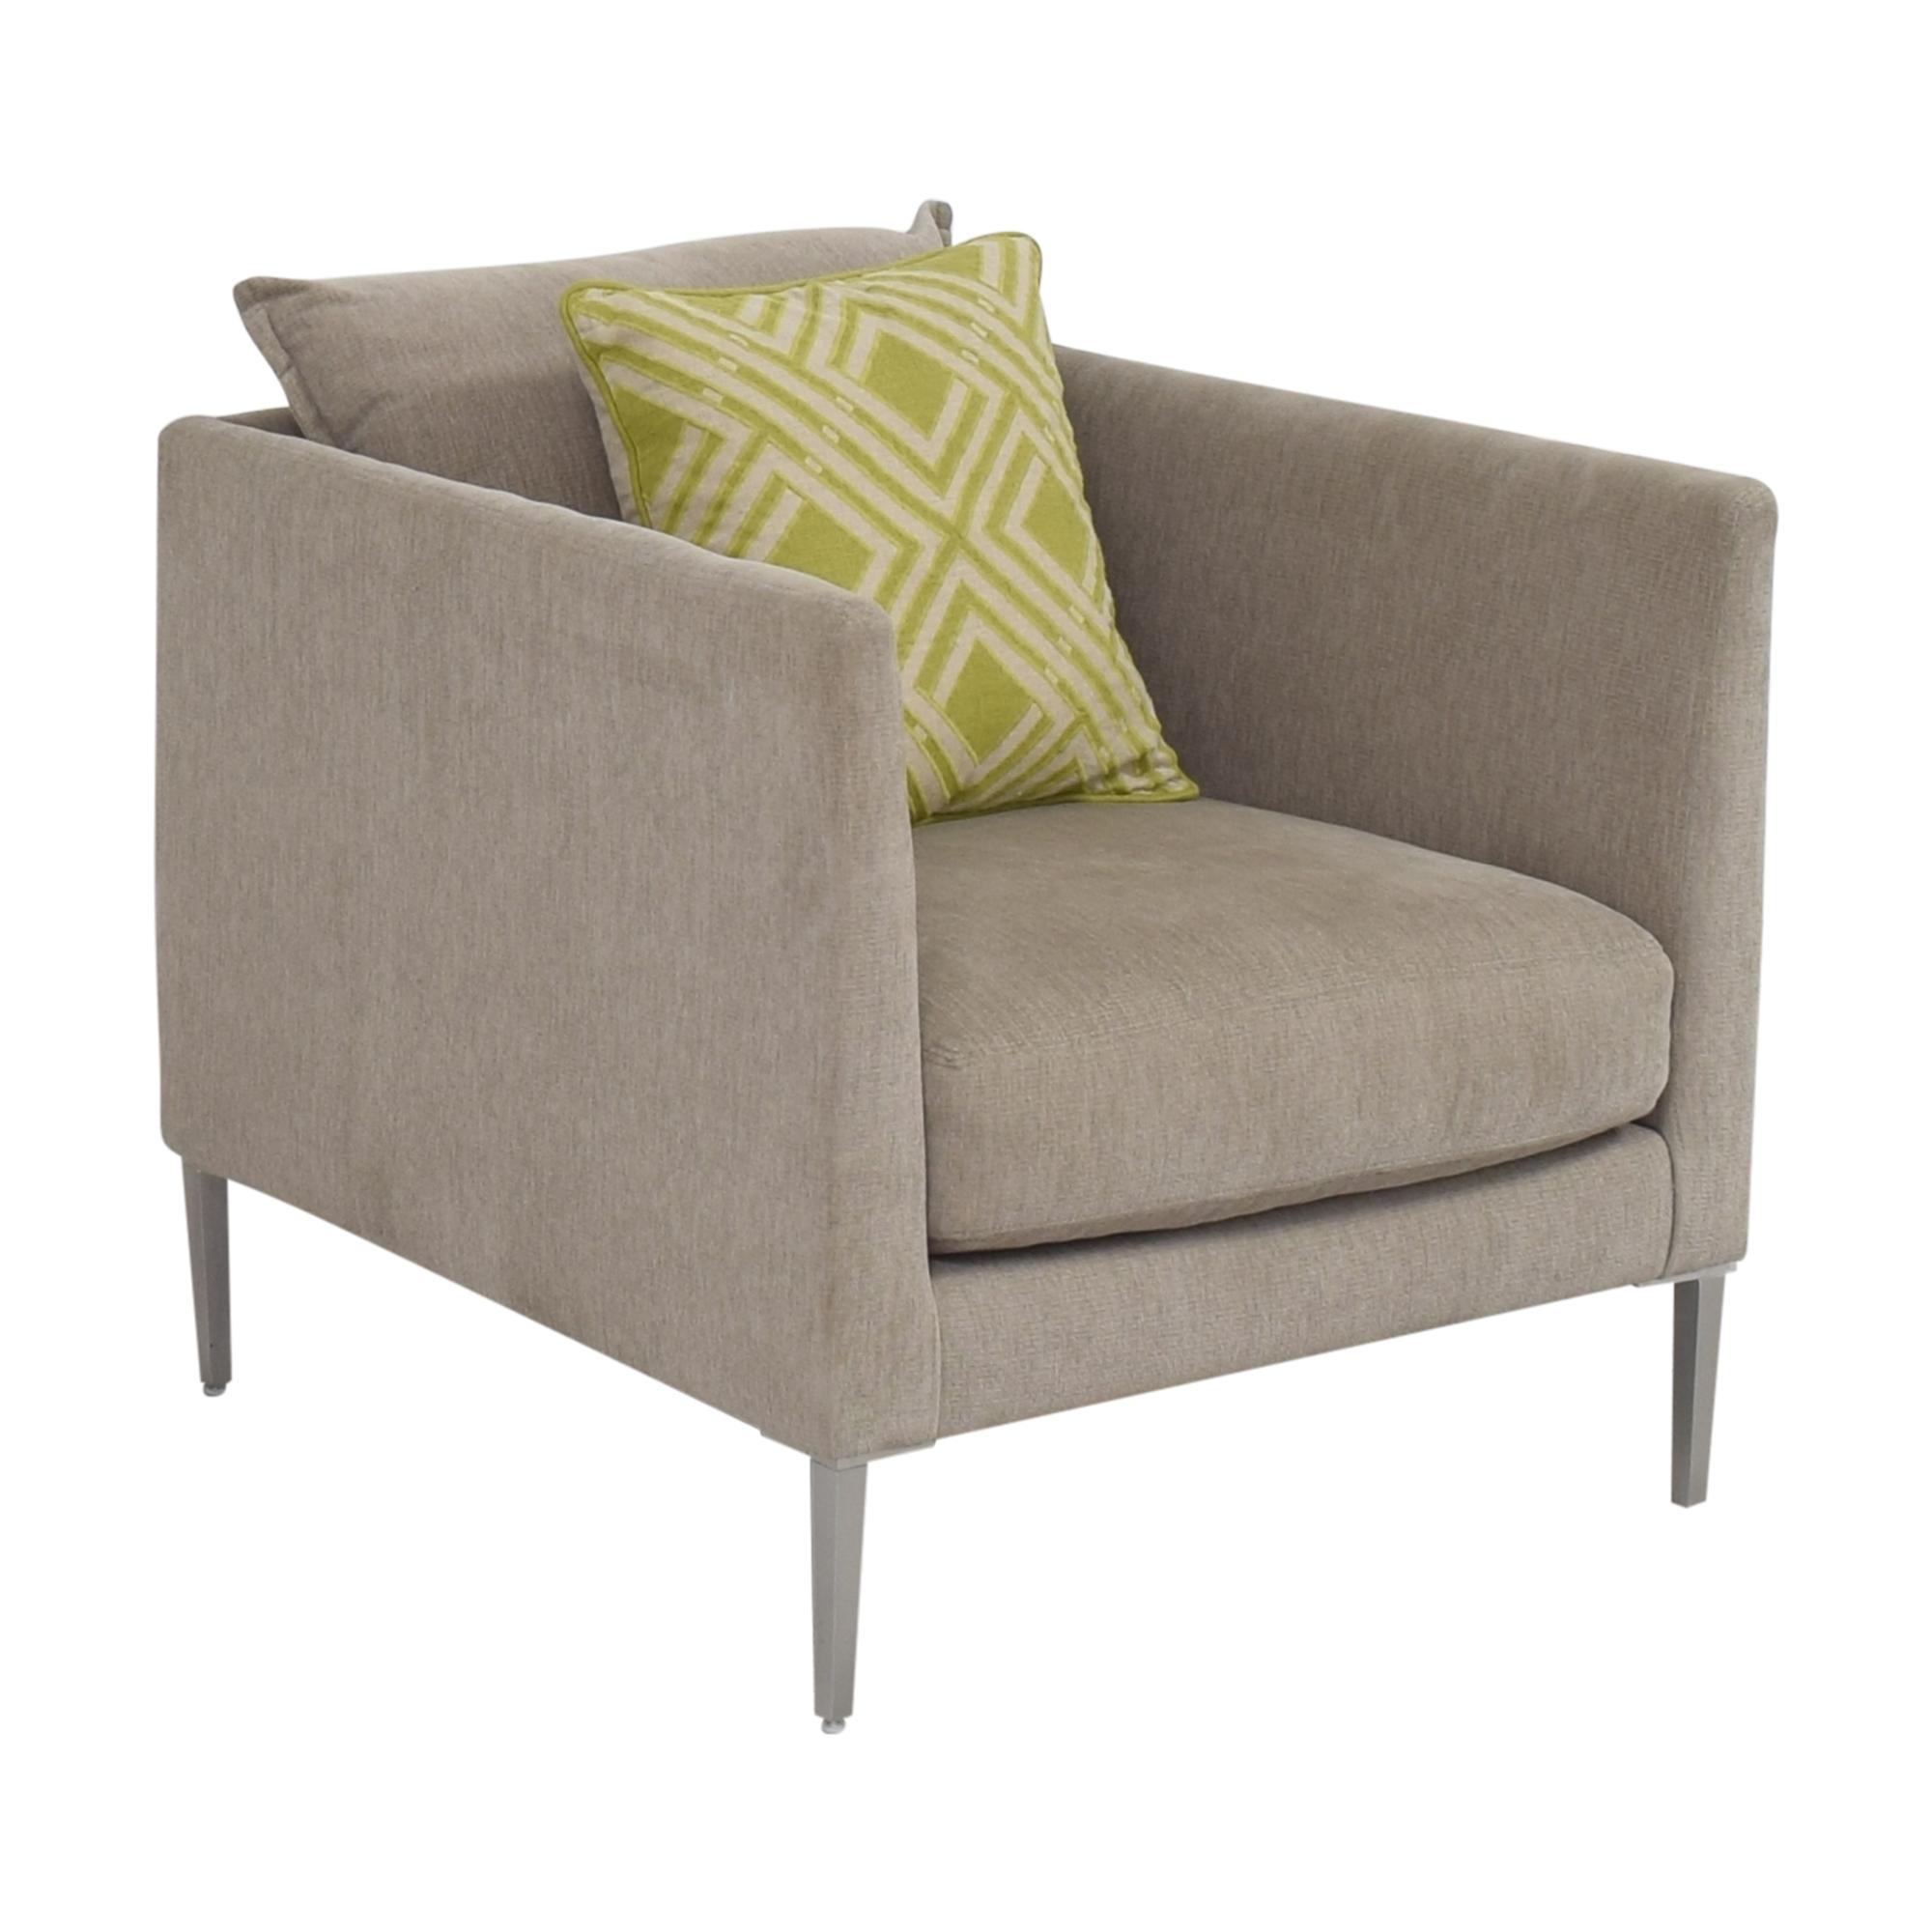 Room & Board Vela Chair / Chairs